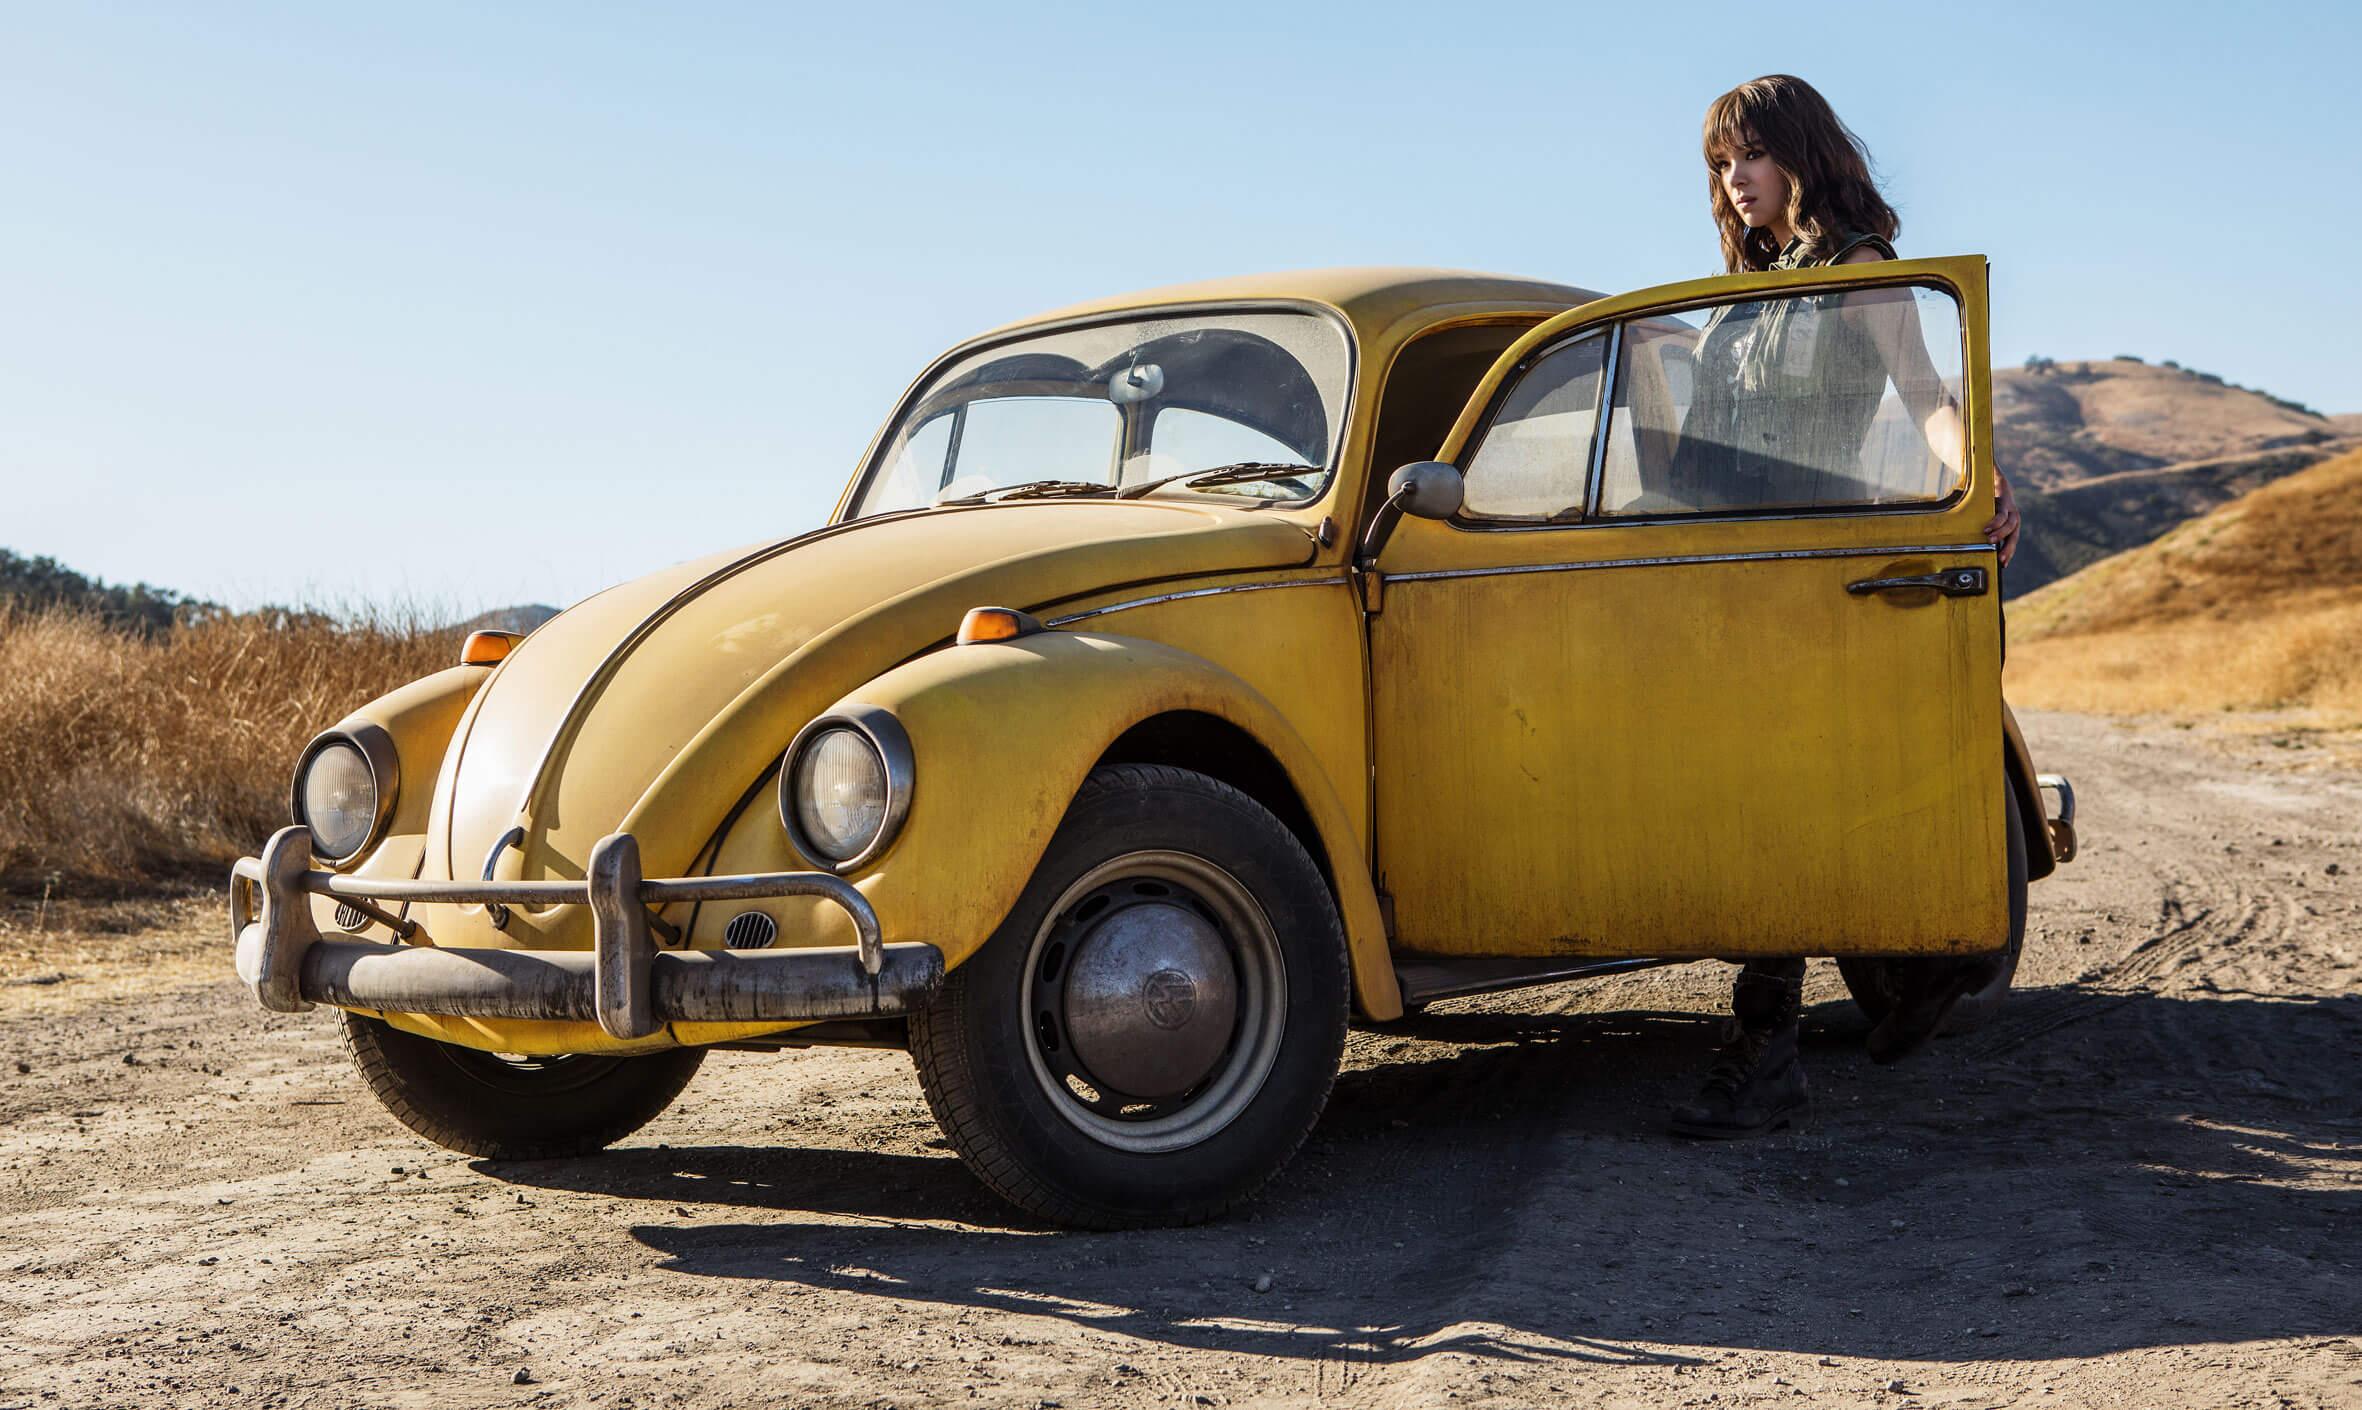 從《 變形金剛 》單飛的 大黃蜂 !與 海莉史坦菲德 在片中的真摯感情將讓影迷回到初次見到變形金剛的感動。